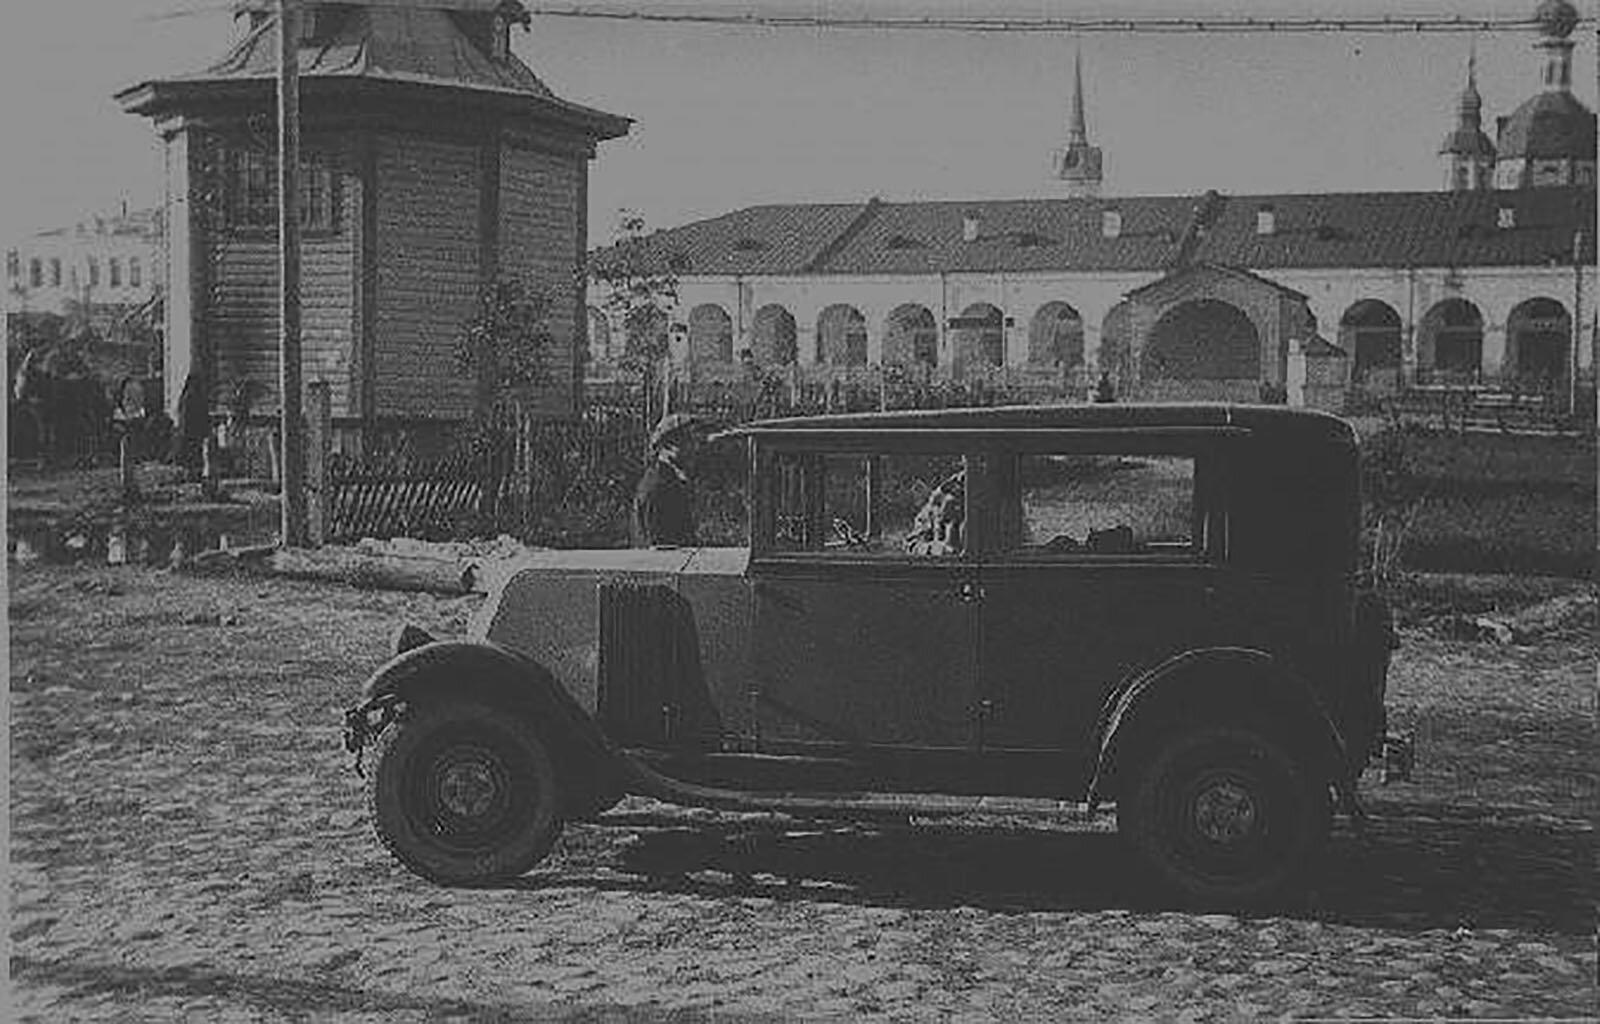 Автомобиль «Рено», купленный В. Маяковским в 1929 году в Париже. Автор А. Родченко. Москва. 1929 год. Государственный музей В.В. Маяковского